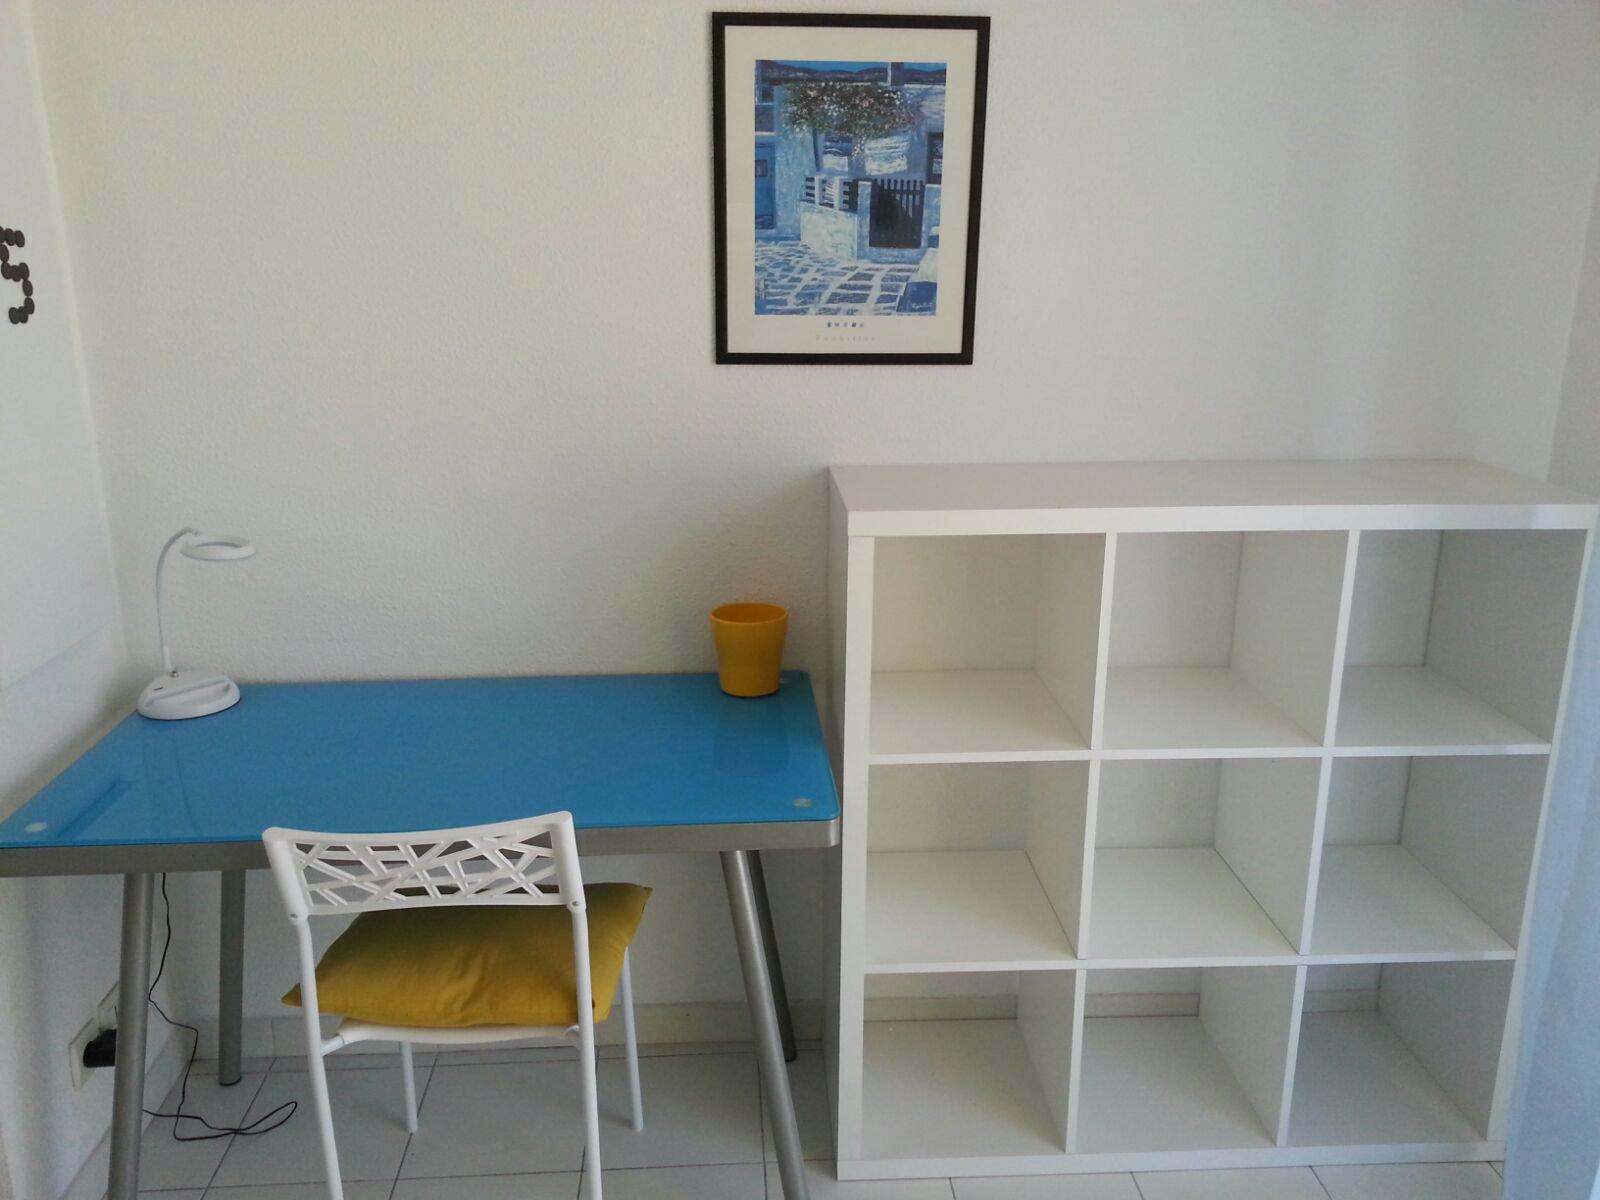 location Nice, studio meublé 19.10m² situé quartier Saint Jean d'Angely